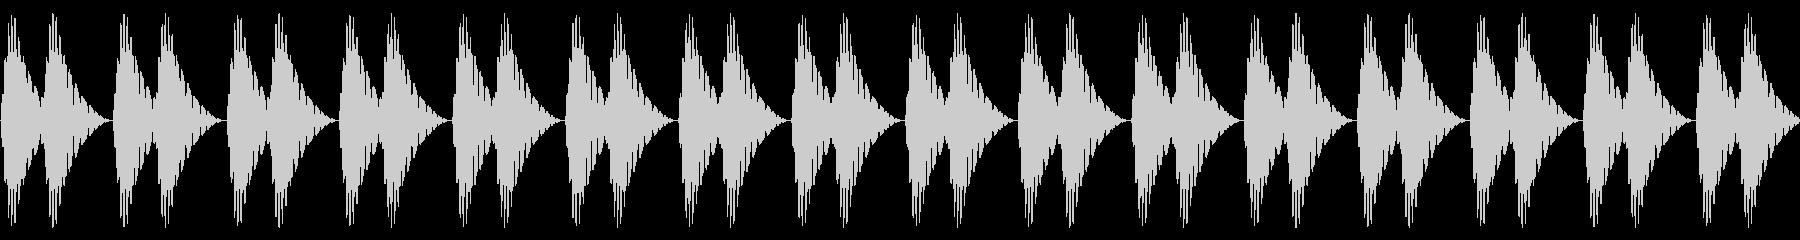 ドクドク!(心音/脈拍200/頻脈)の未再生の波形